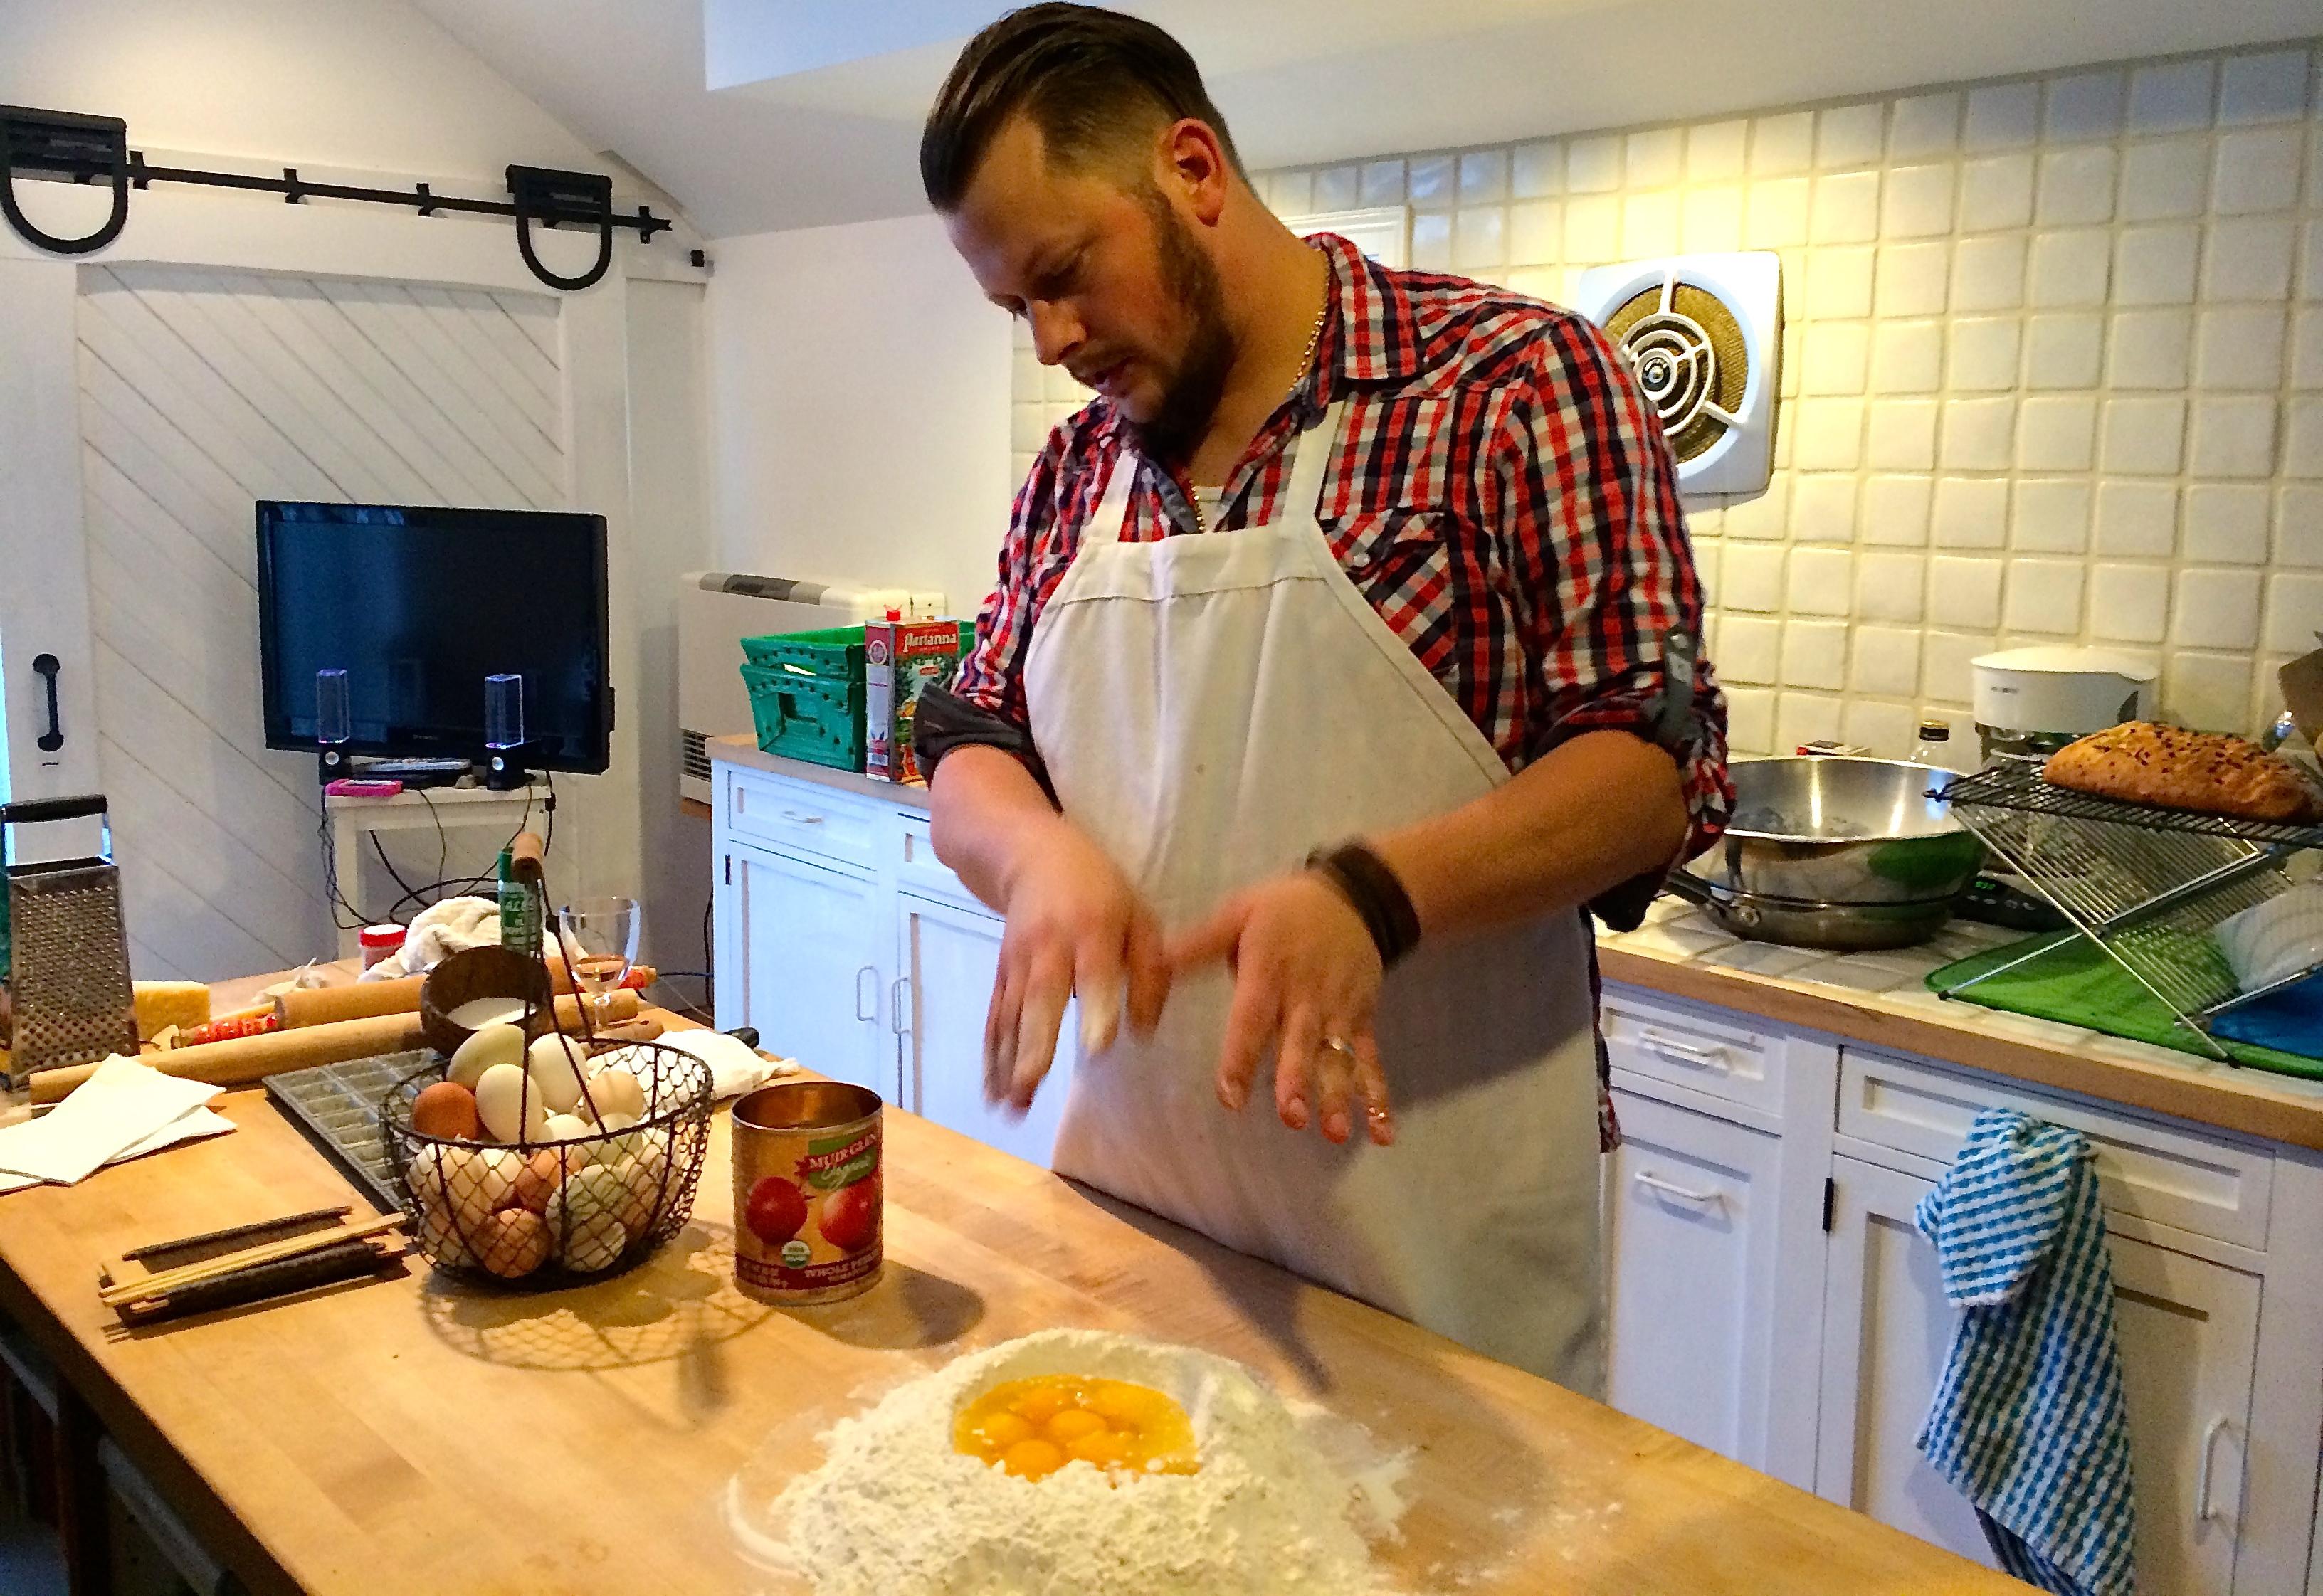 Cooking_Image2.JPG